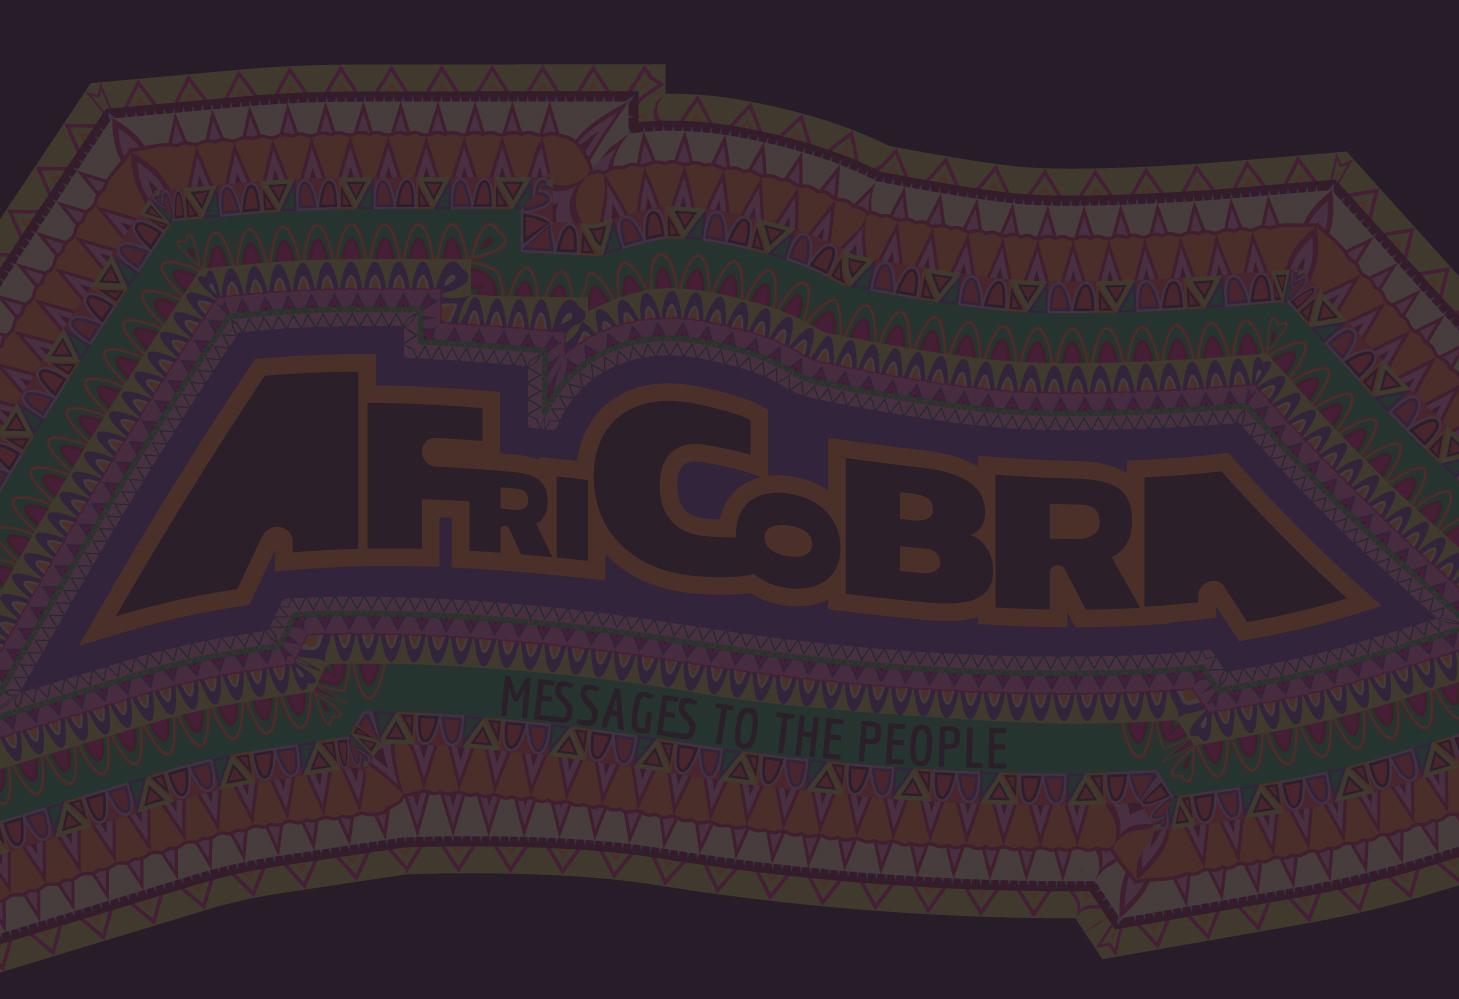 Feature africobra dark 01